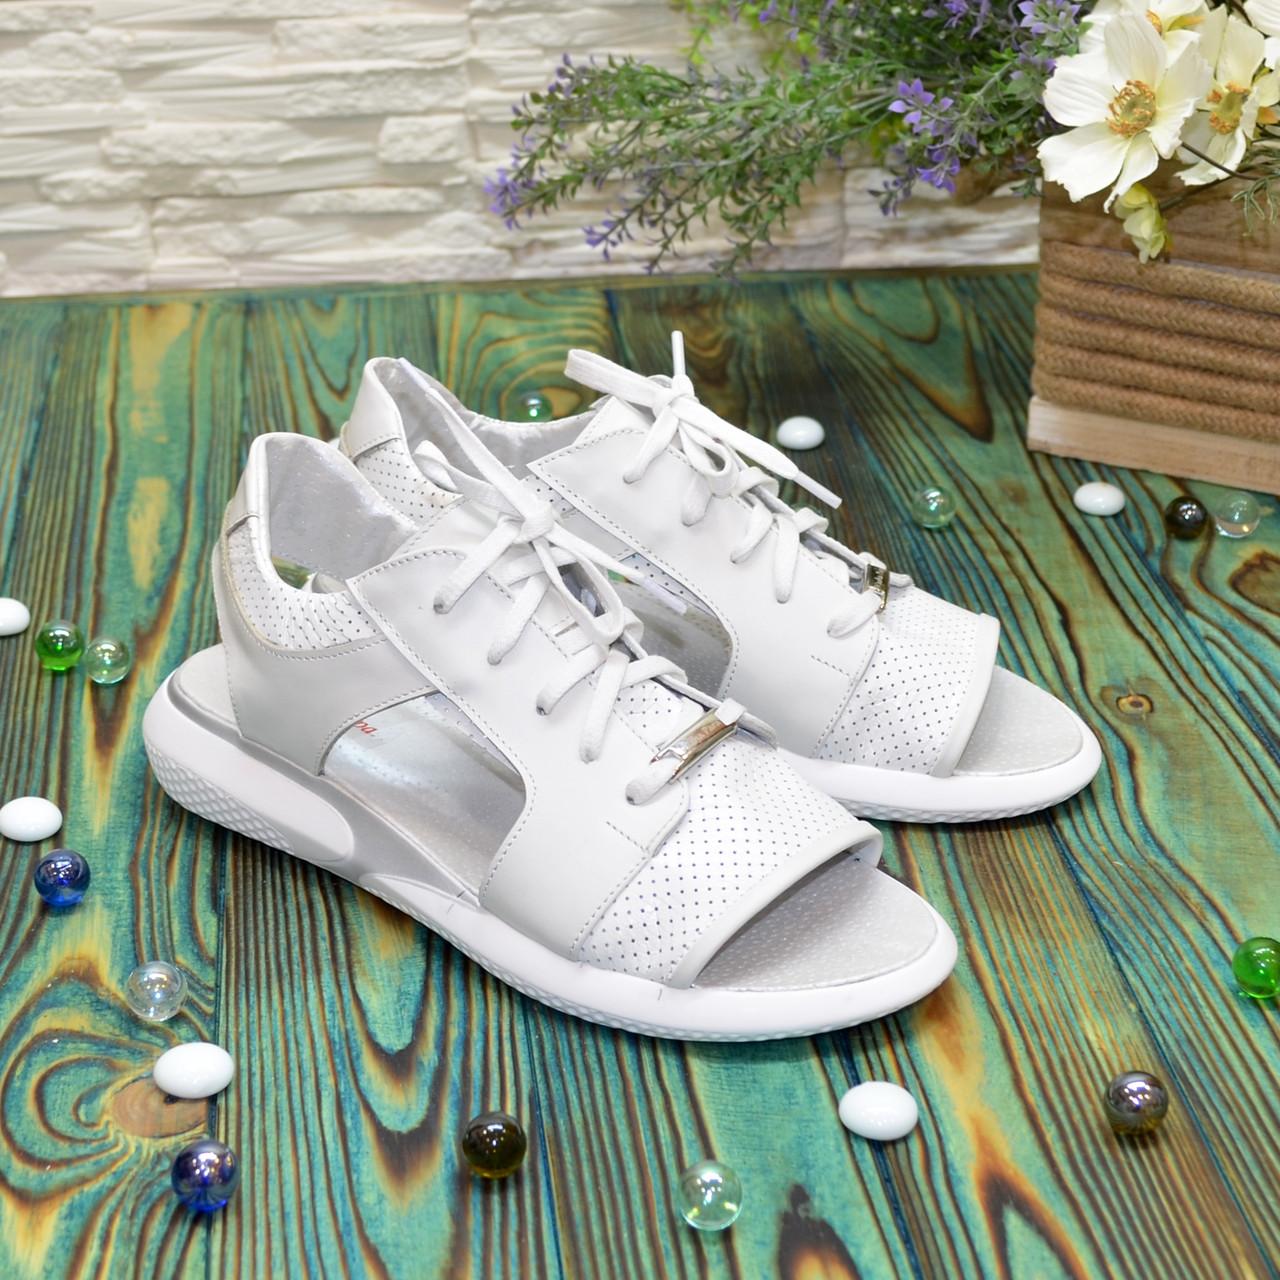 Босоножки спортивные белые кожаные на шнурках